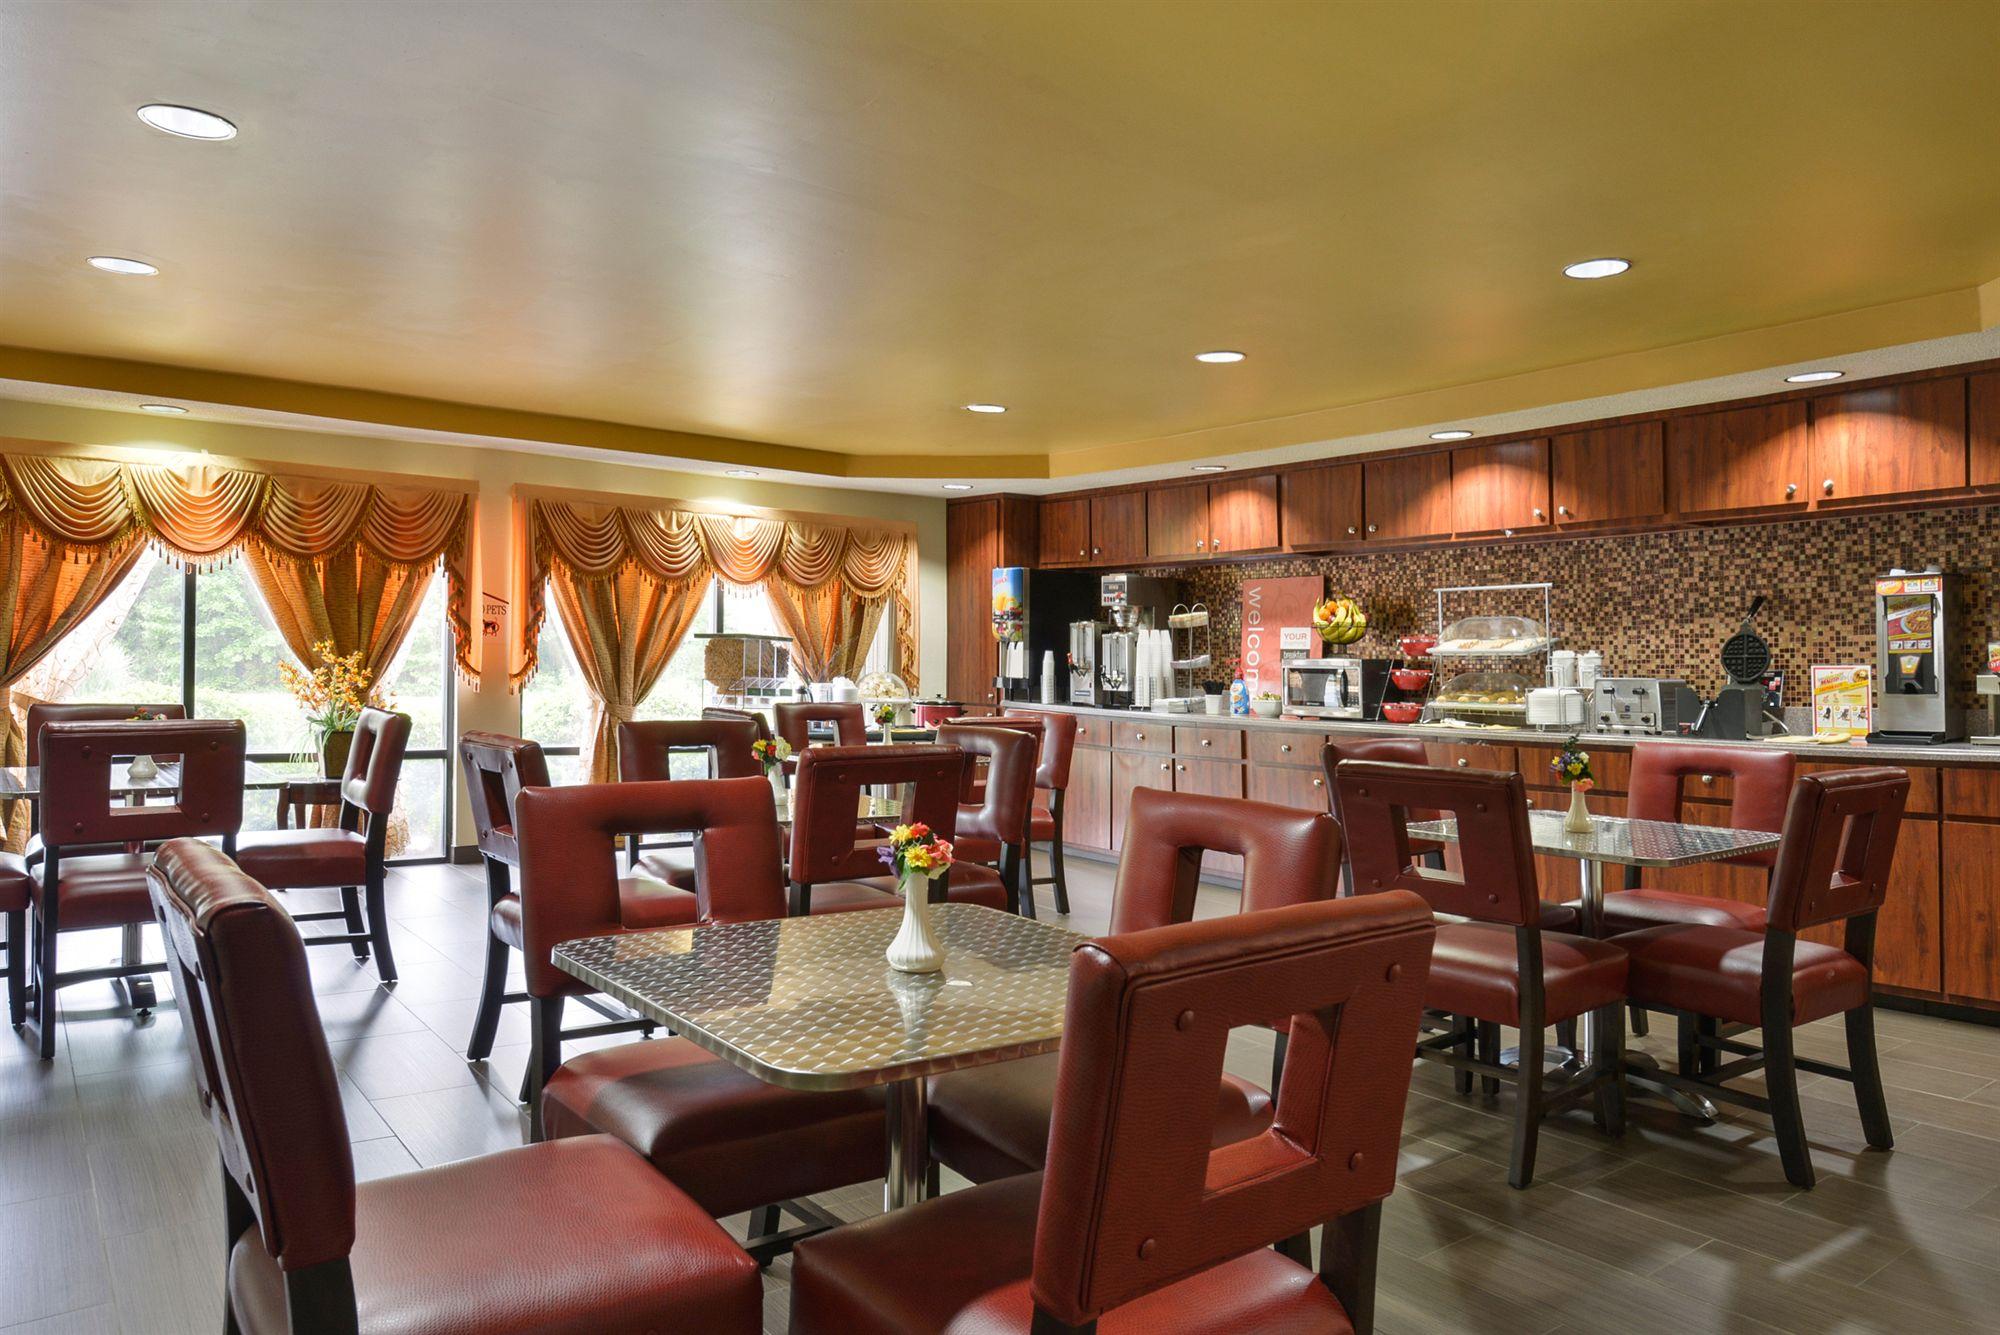 Red Roof Inn & Suites in Savannah, GA